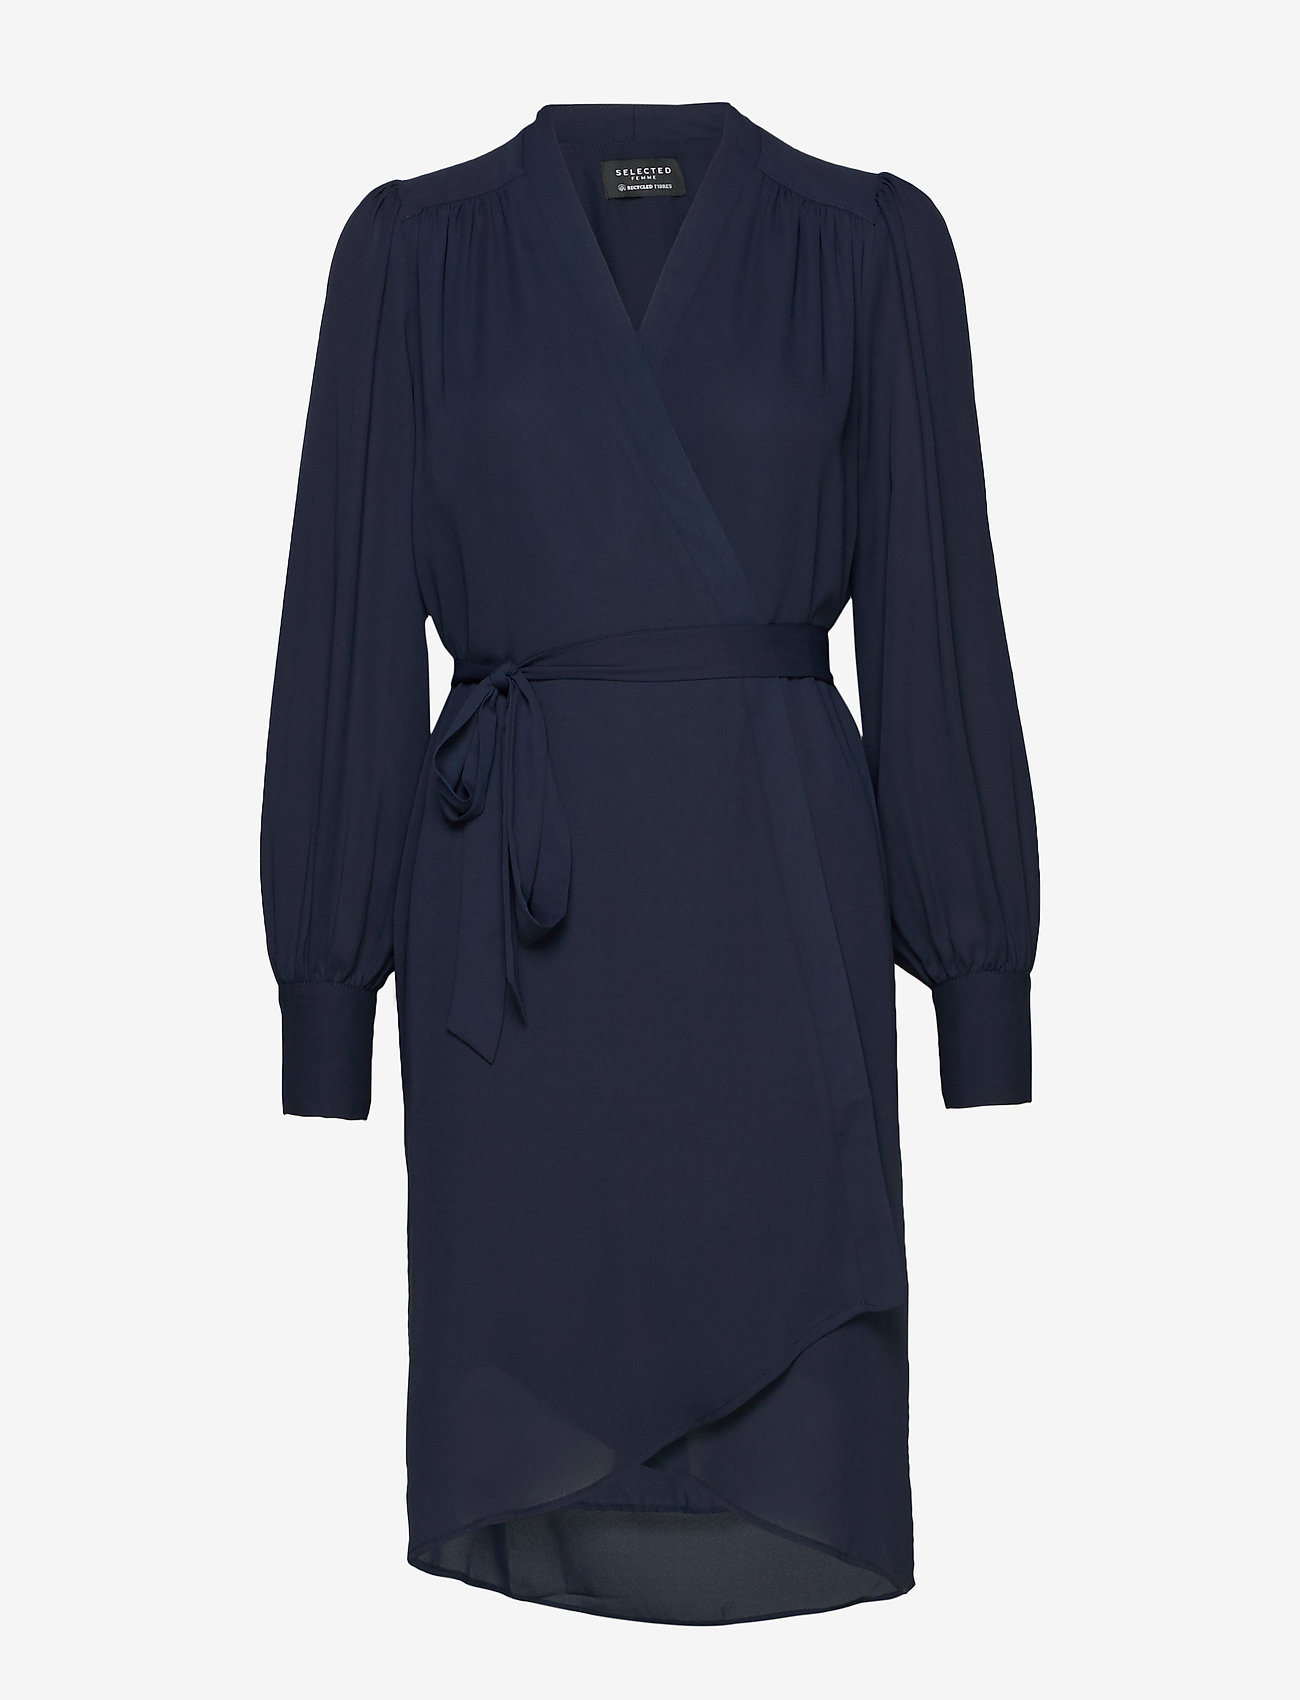 Selected Femme - SLFALVA LS WRAP DRESS NOOS - robes portefeuille - dark sapphire - 0